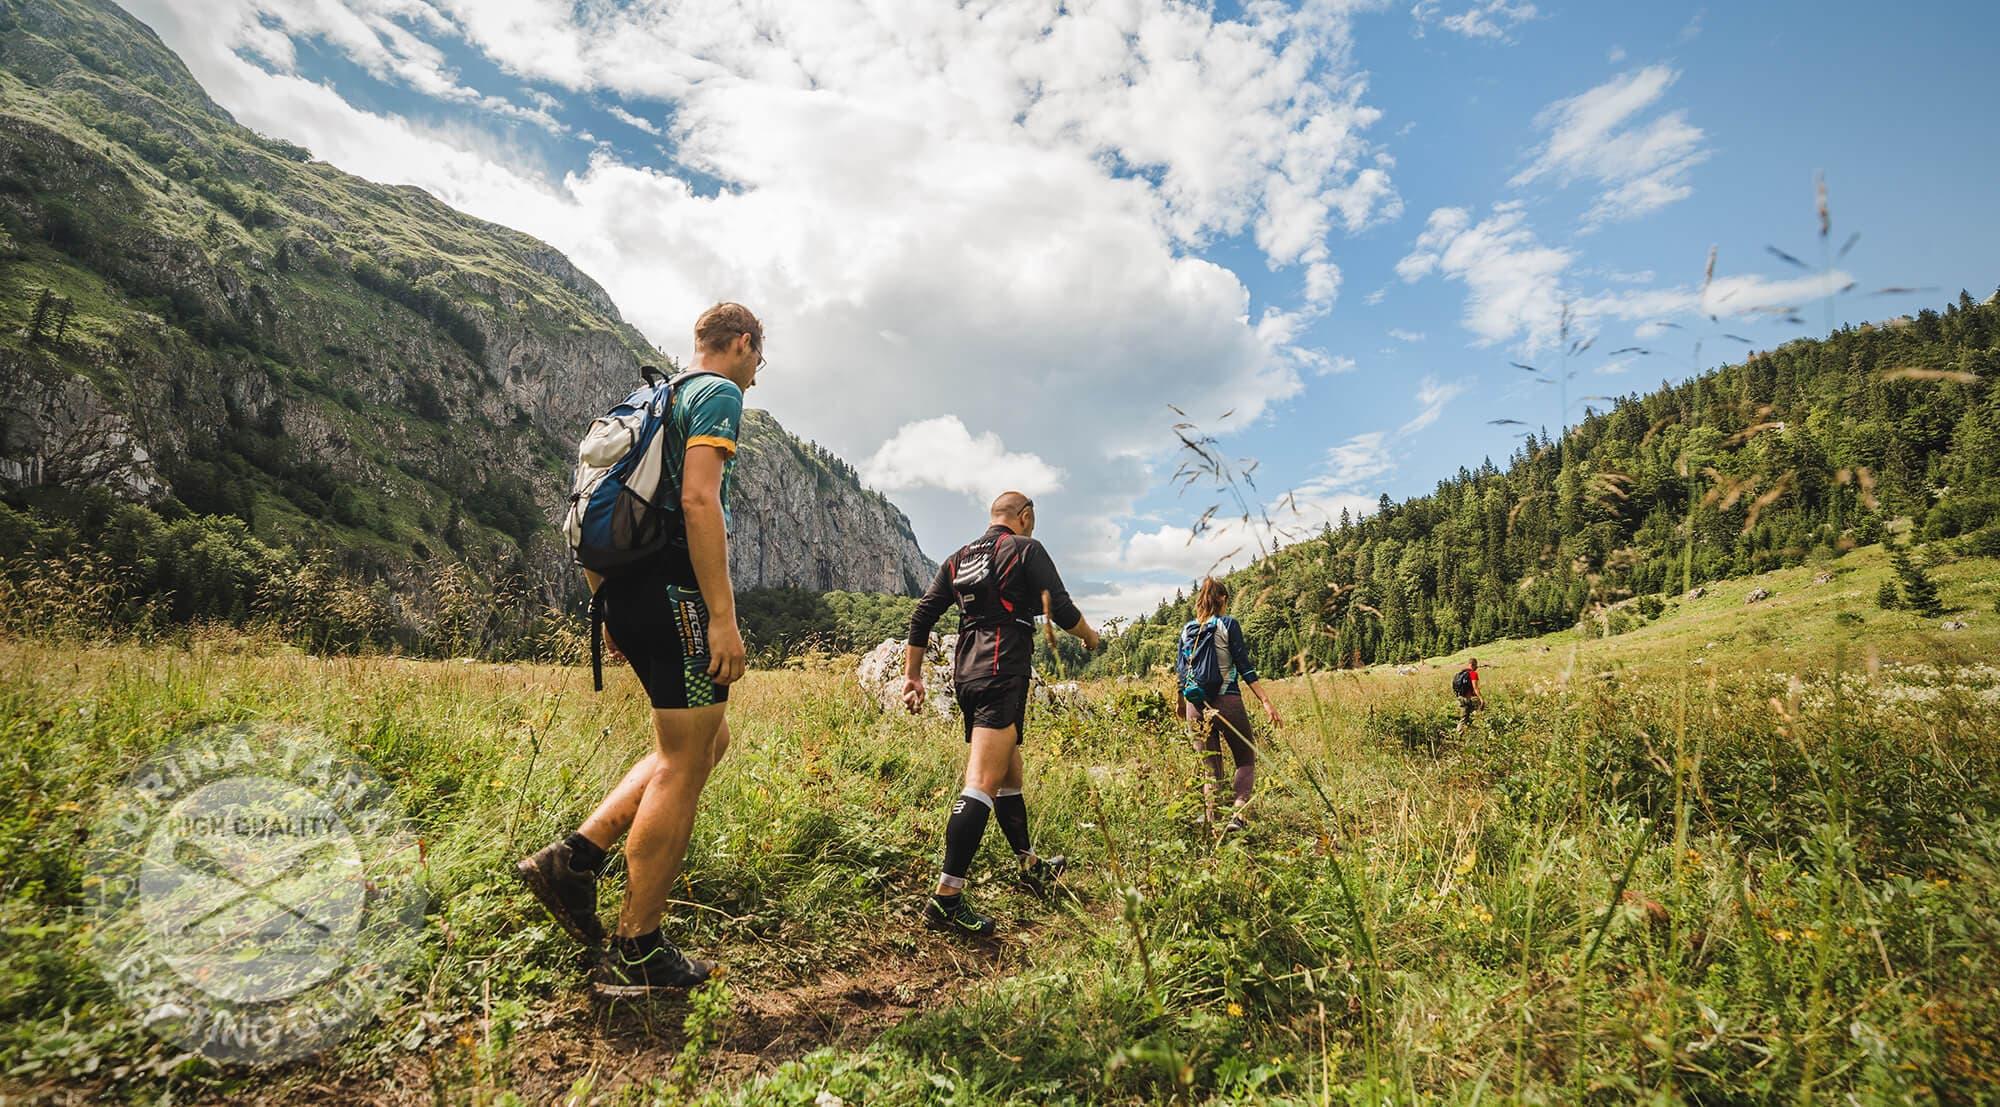 Nekoliko mladih ljudi pjesace planinskim puteljkom u prekraznom pejzazu Nacionalnog parka Sutjeka